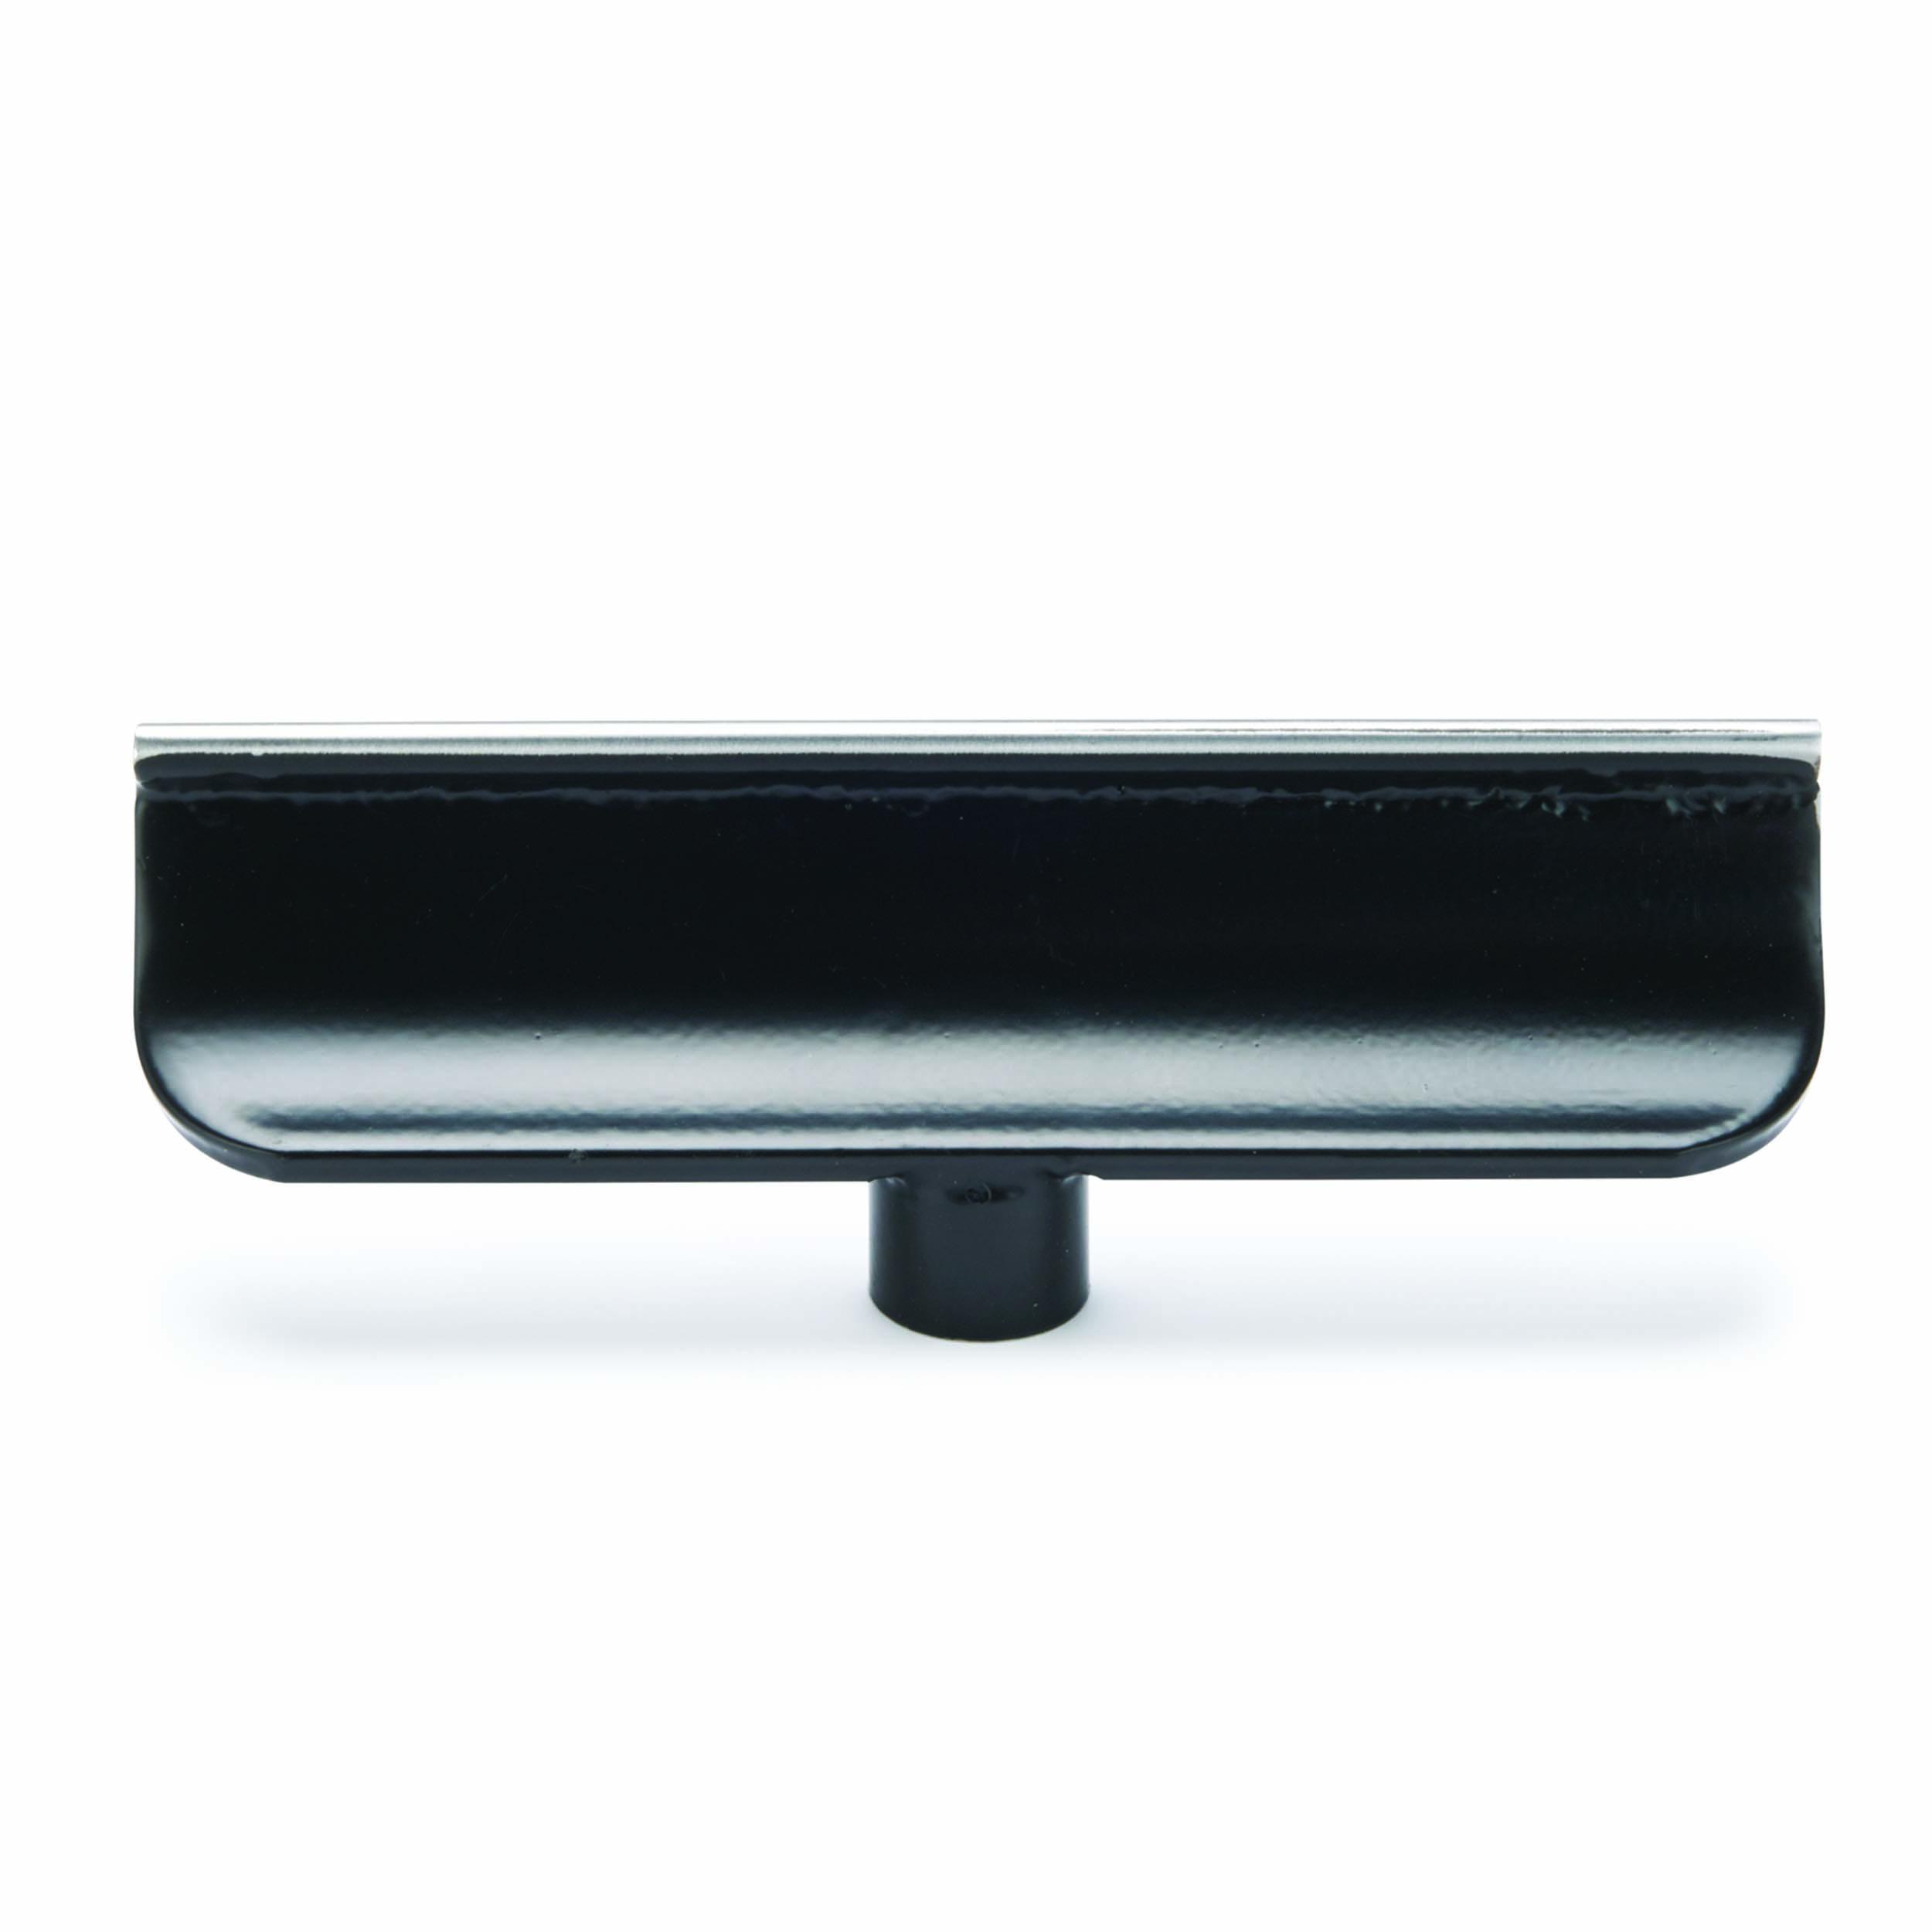 Nova Modular Tool Rest Bar 6 9027